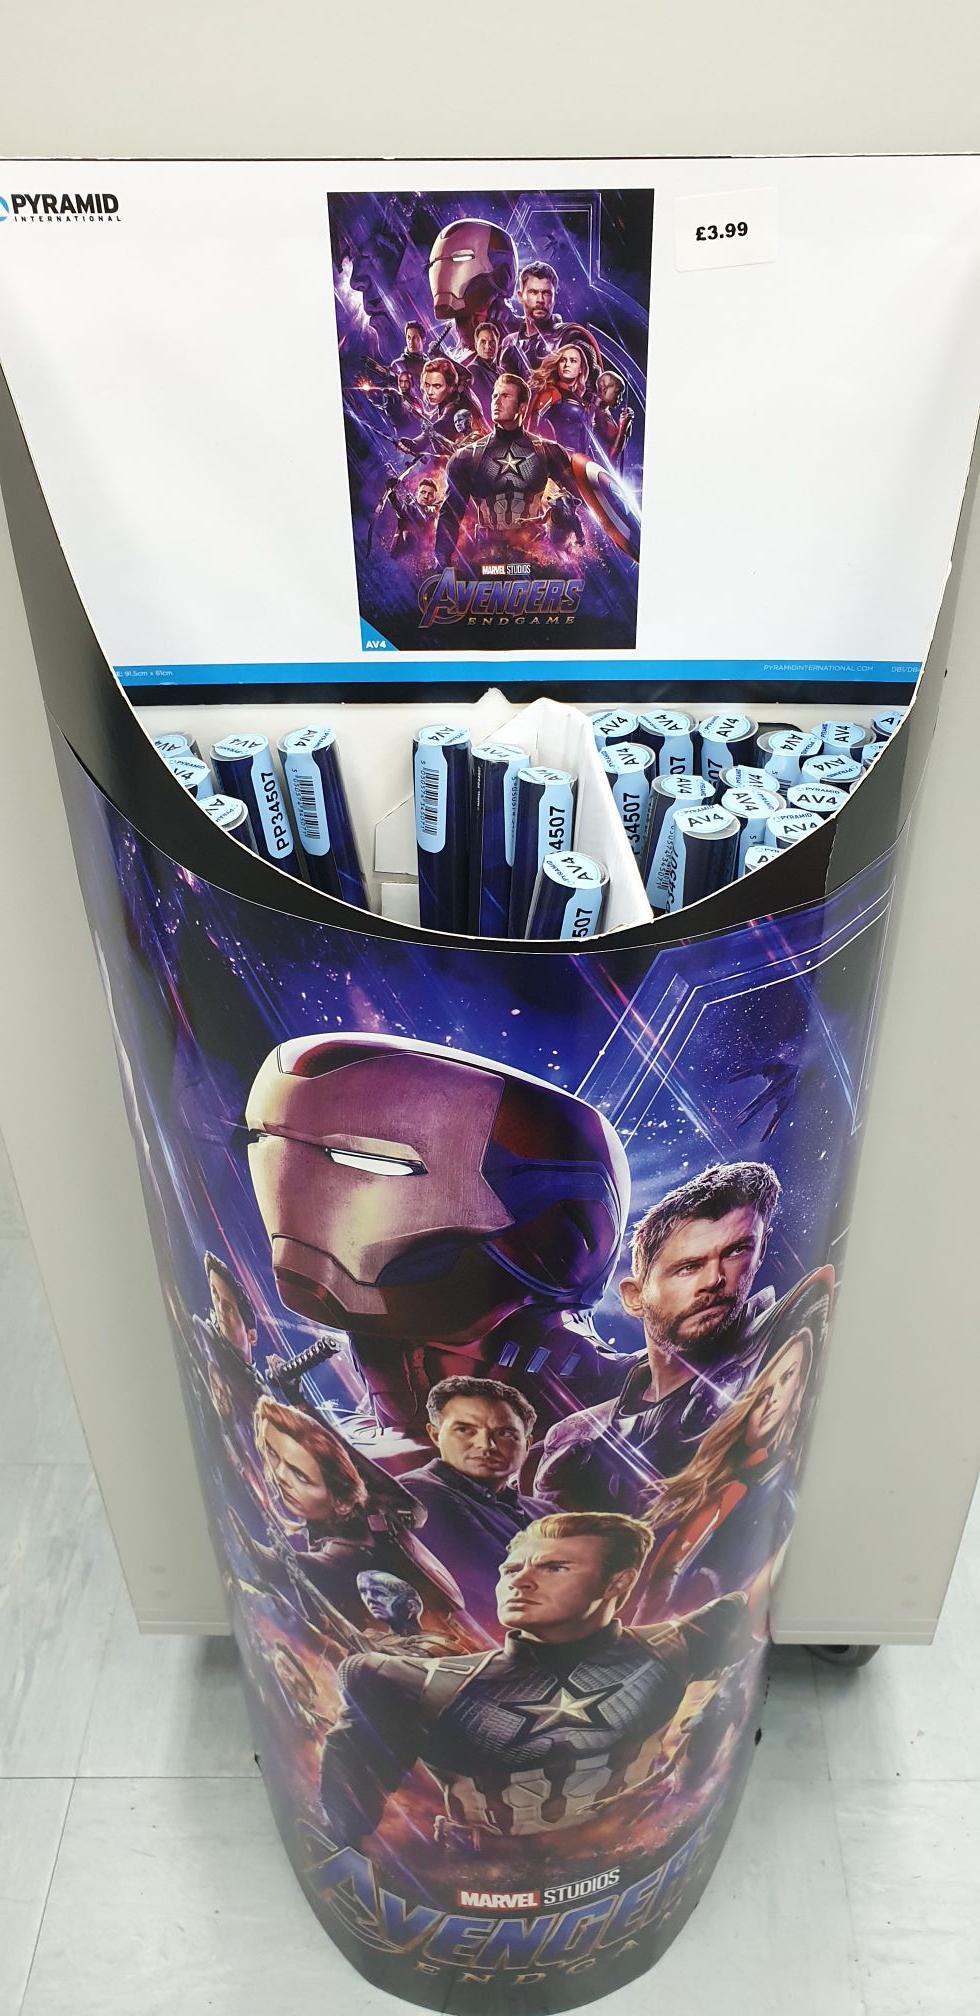 Marvel Avengers Endgame Poster in store at Forbidden Planet - £3.99